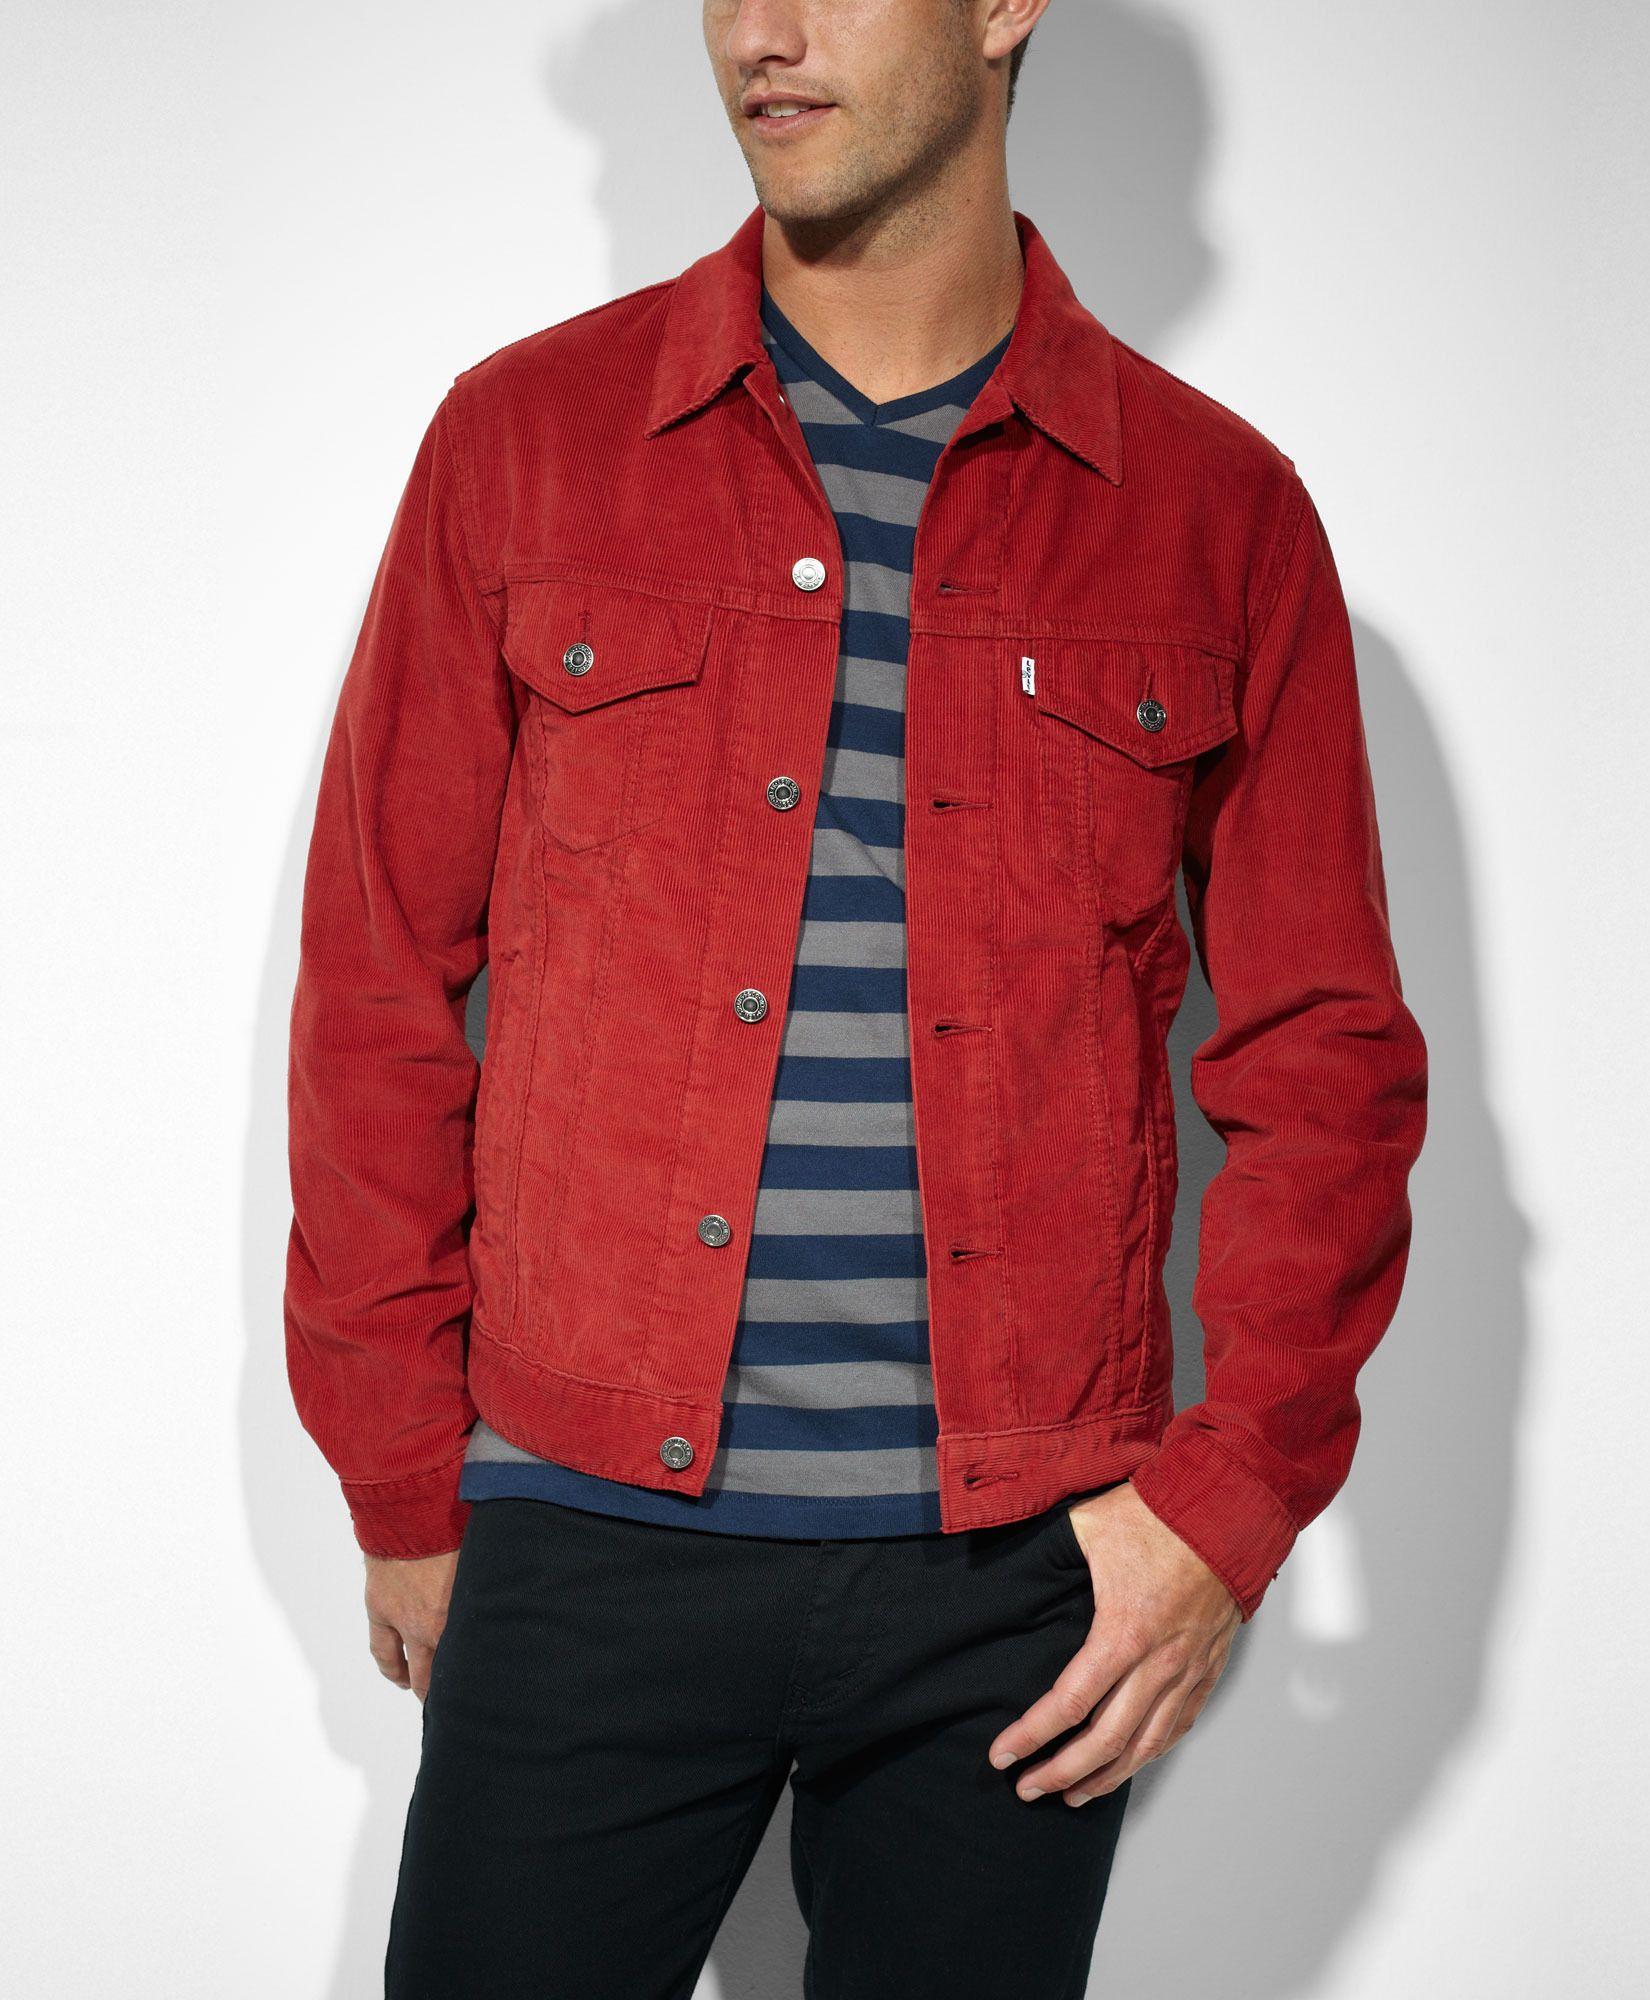 Mens Red Denim Shirt - South Park T Shirts - photo #23